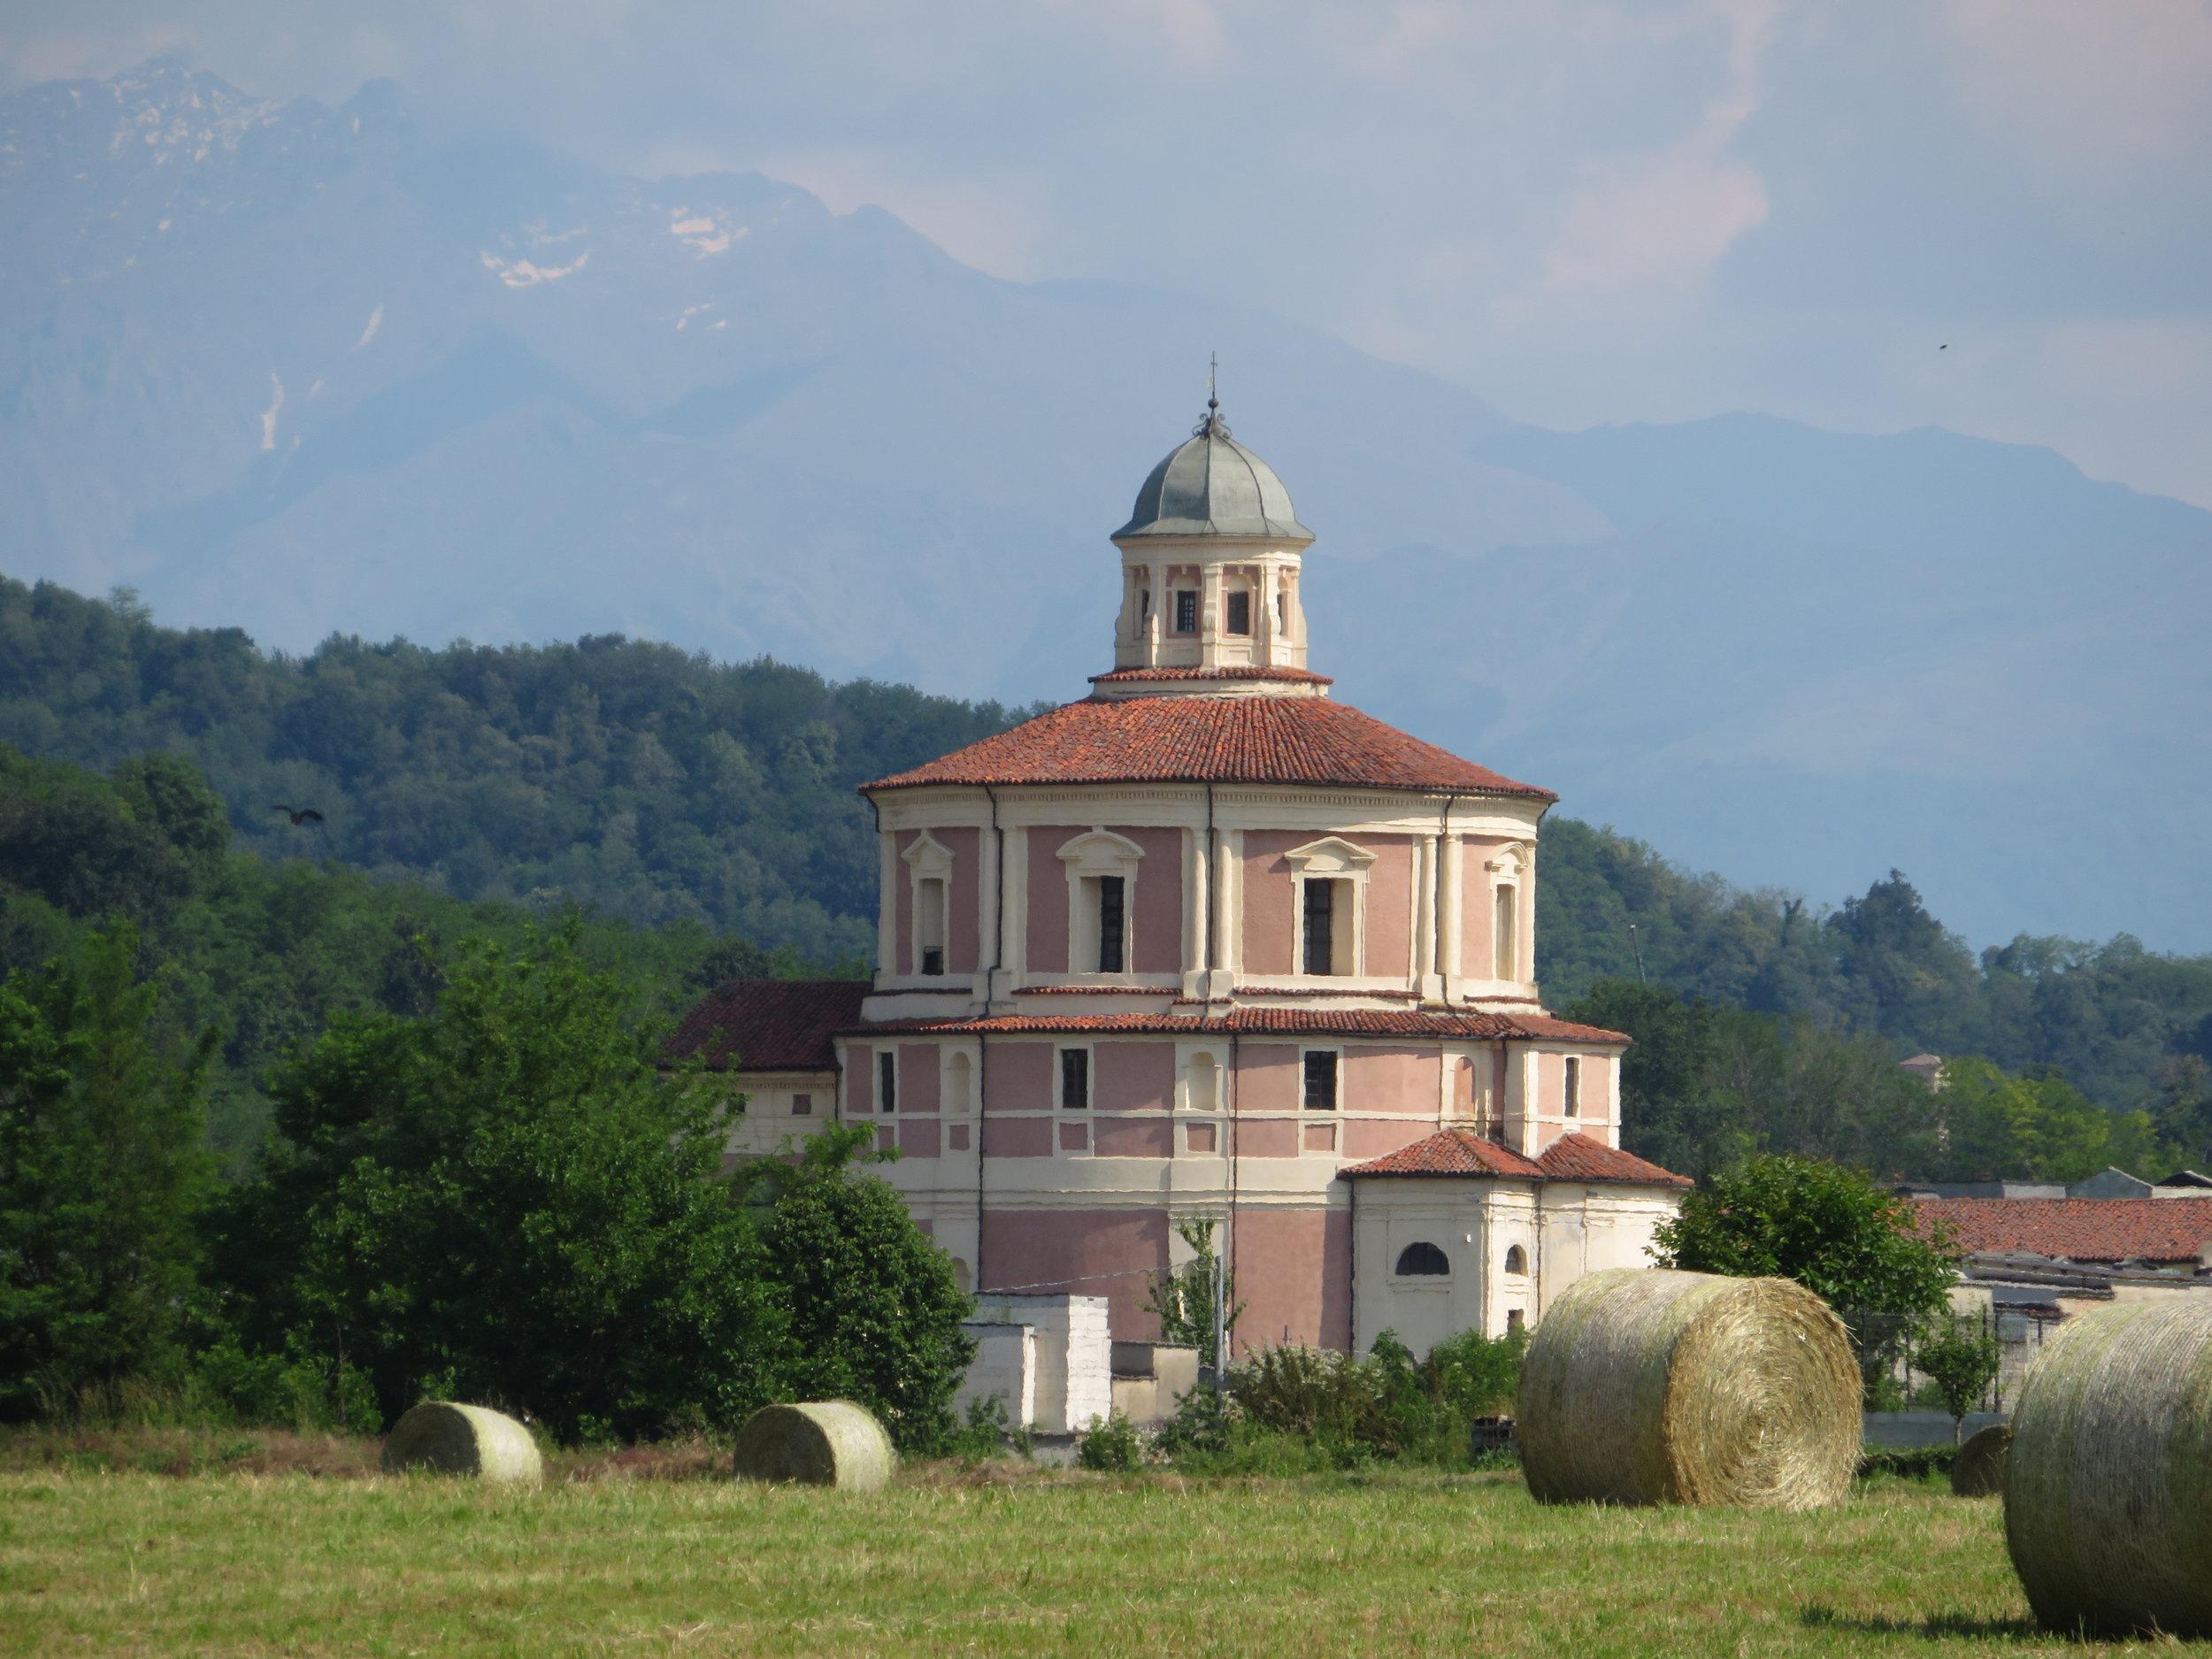 San Rocco, an unusual round church